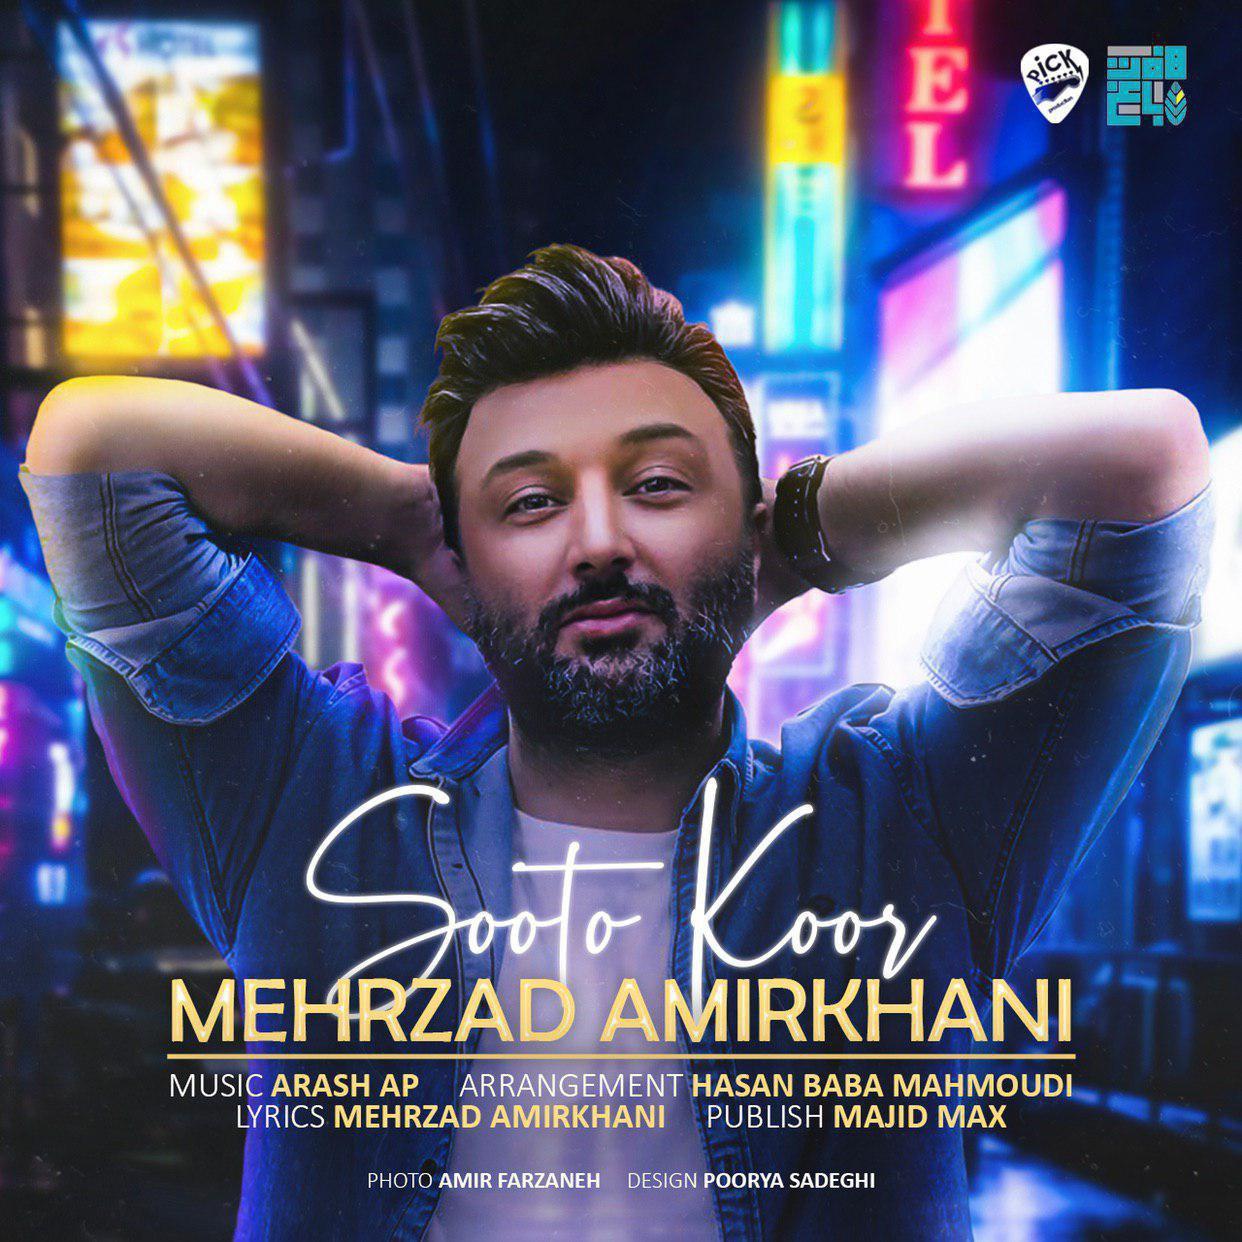 Mehrzad Amirkhani – Sooto Koor